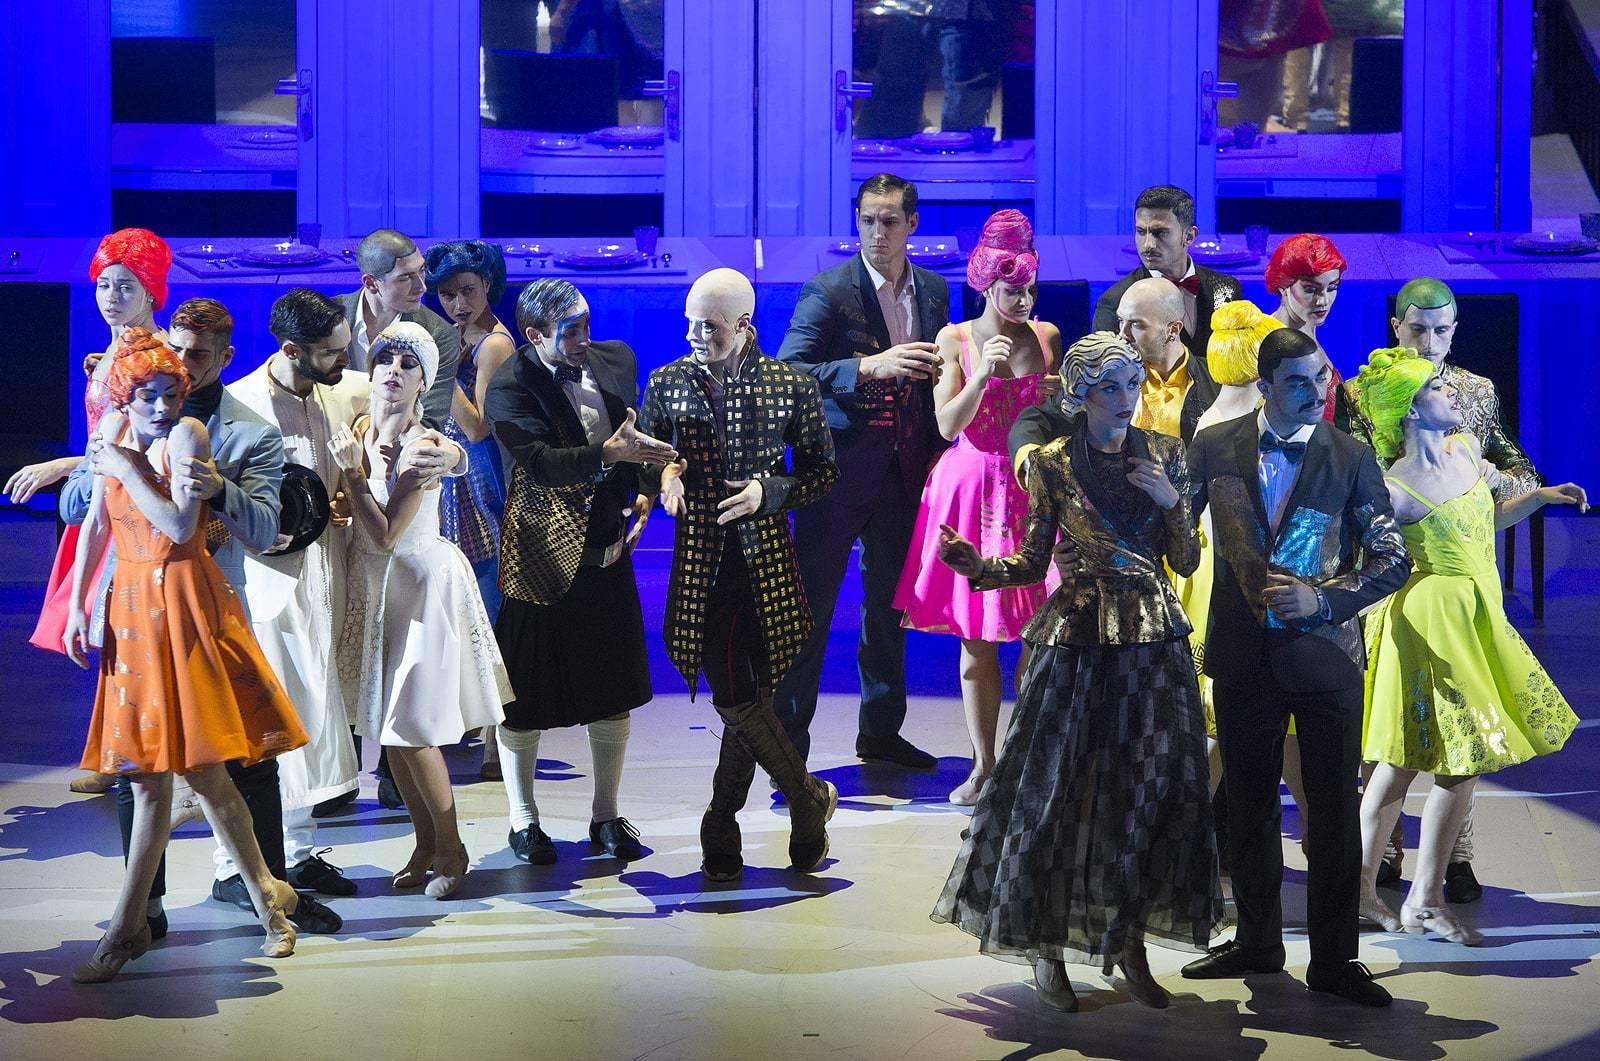 ballets et opéras: casse-noisette 4